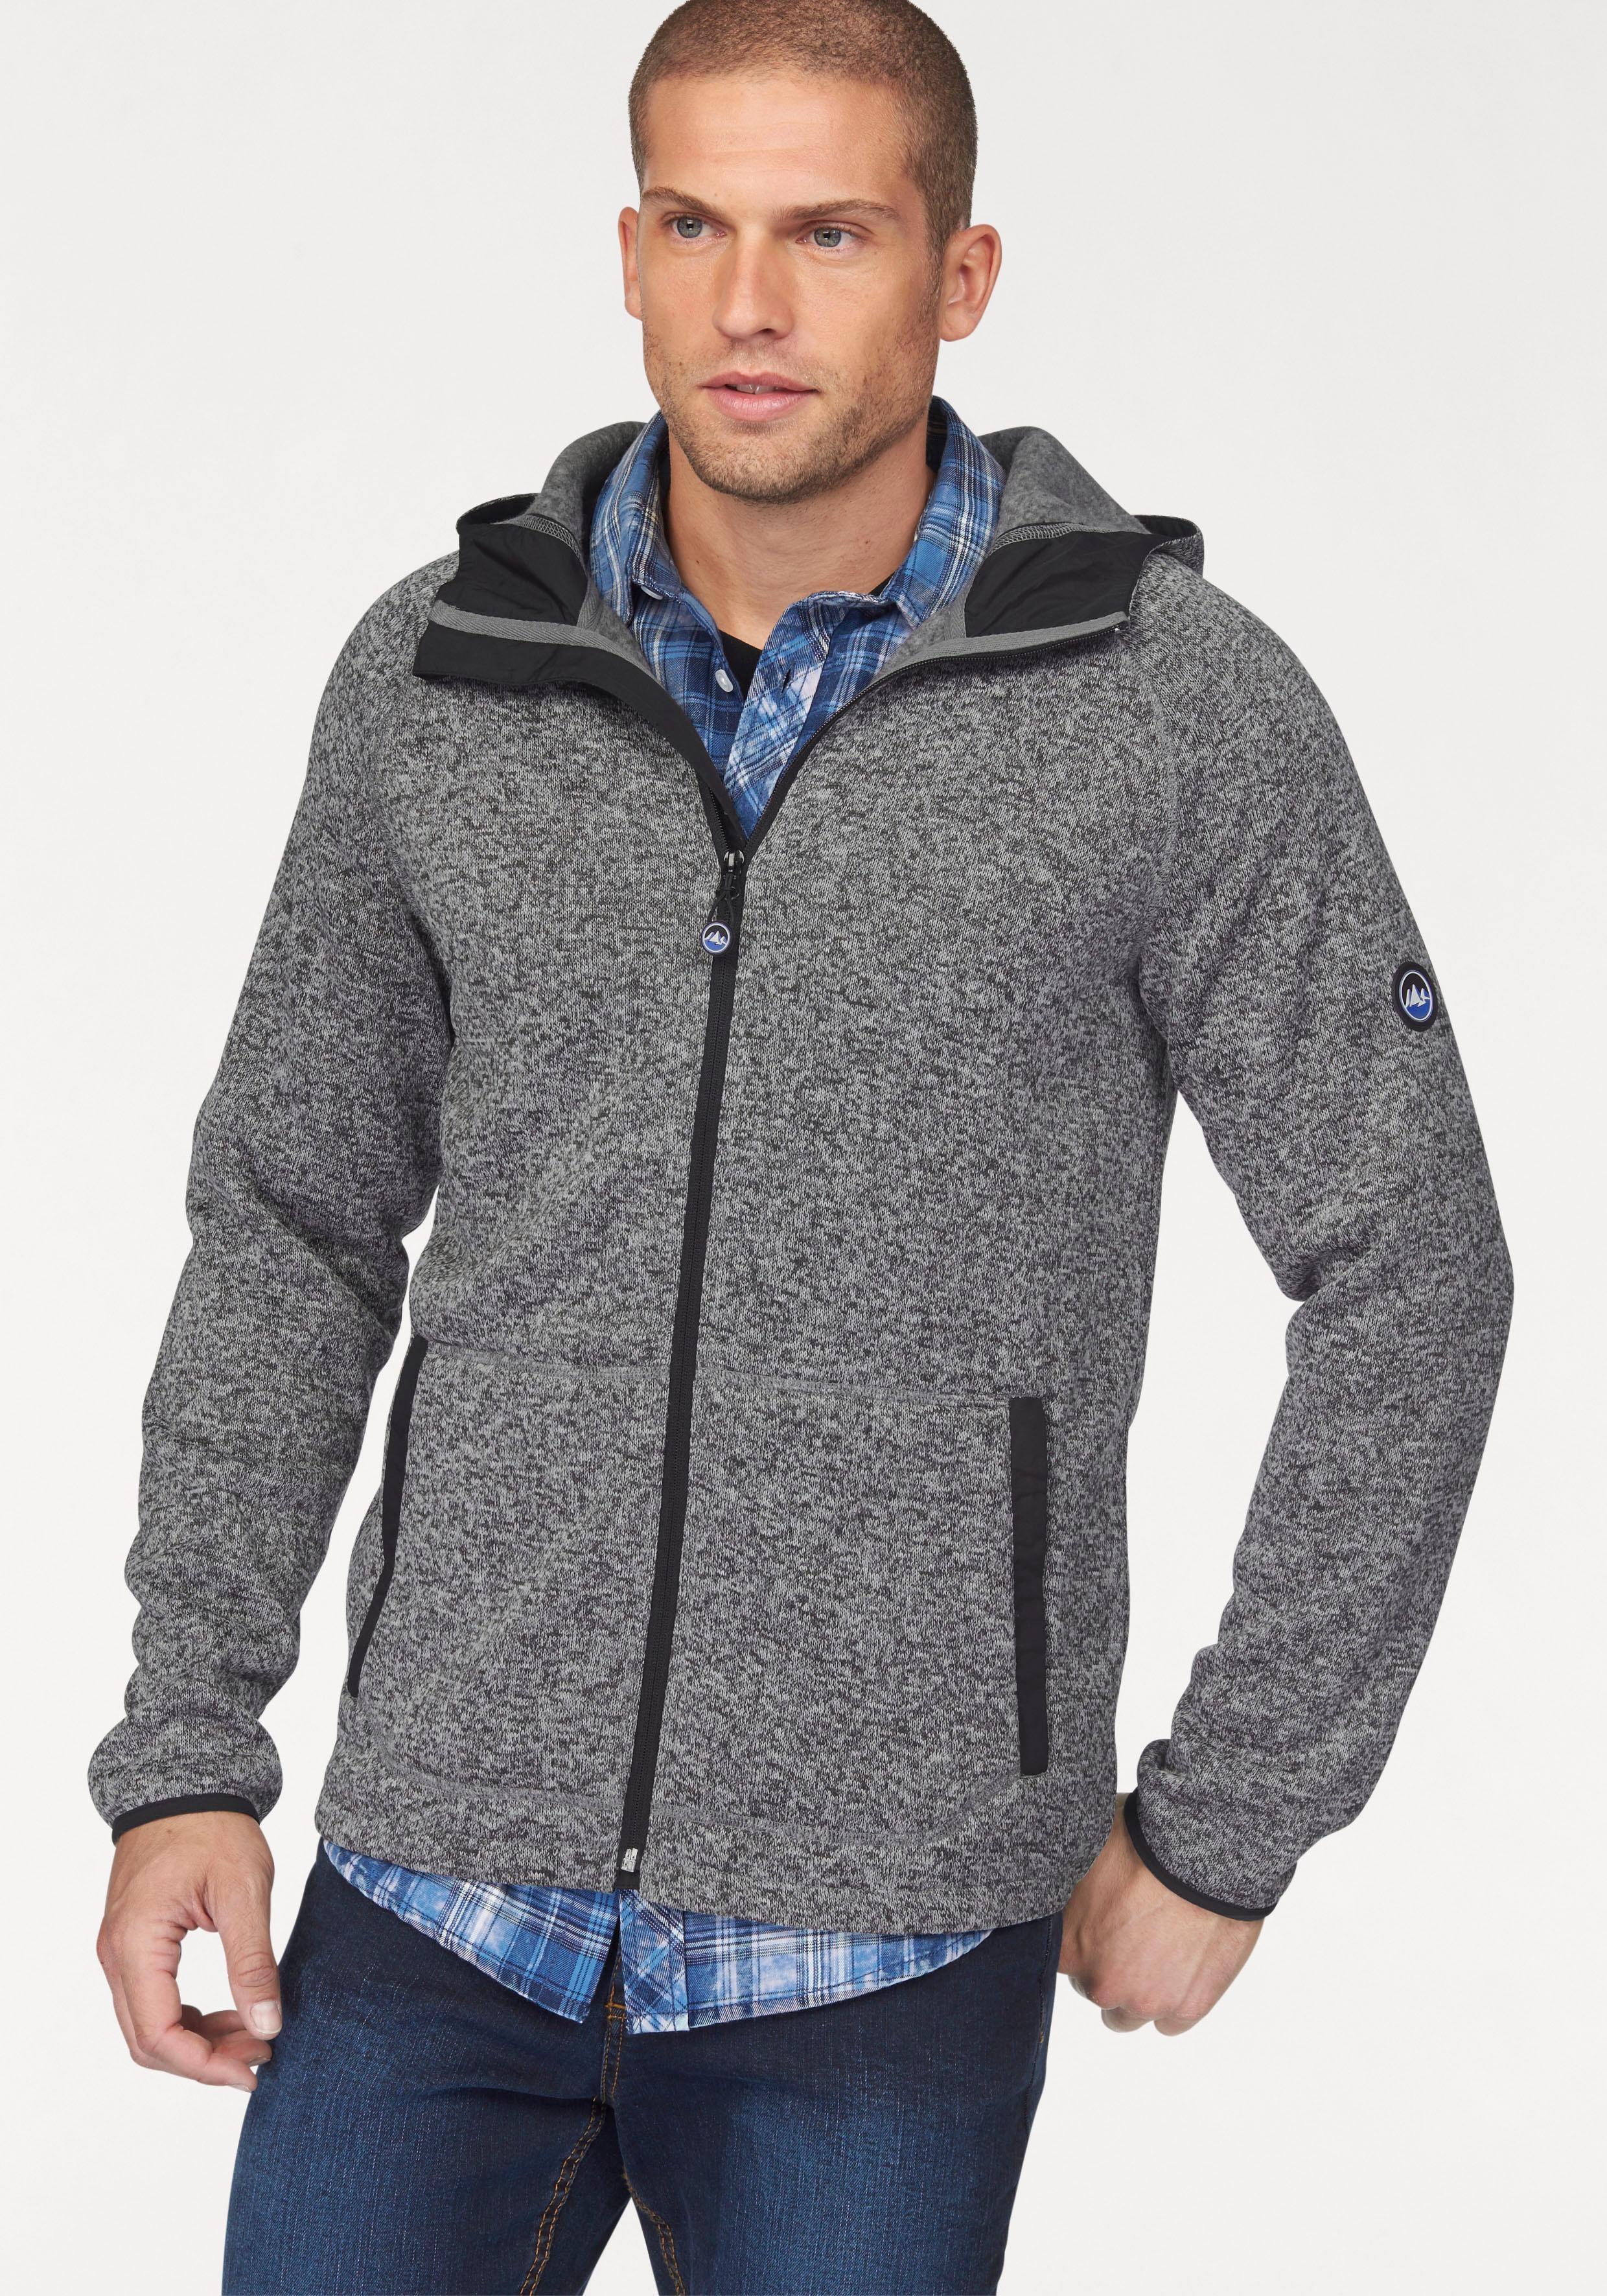 Polarino tricot-fleecejack goedkoop op otto.nl kopen